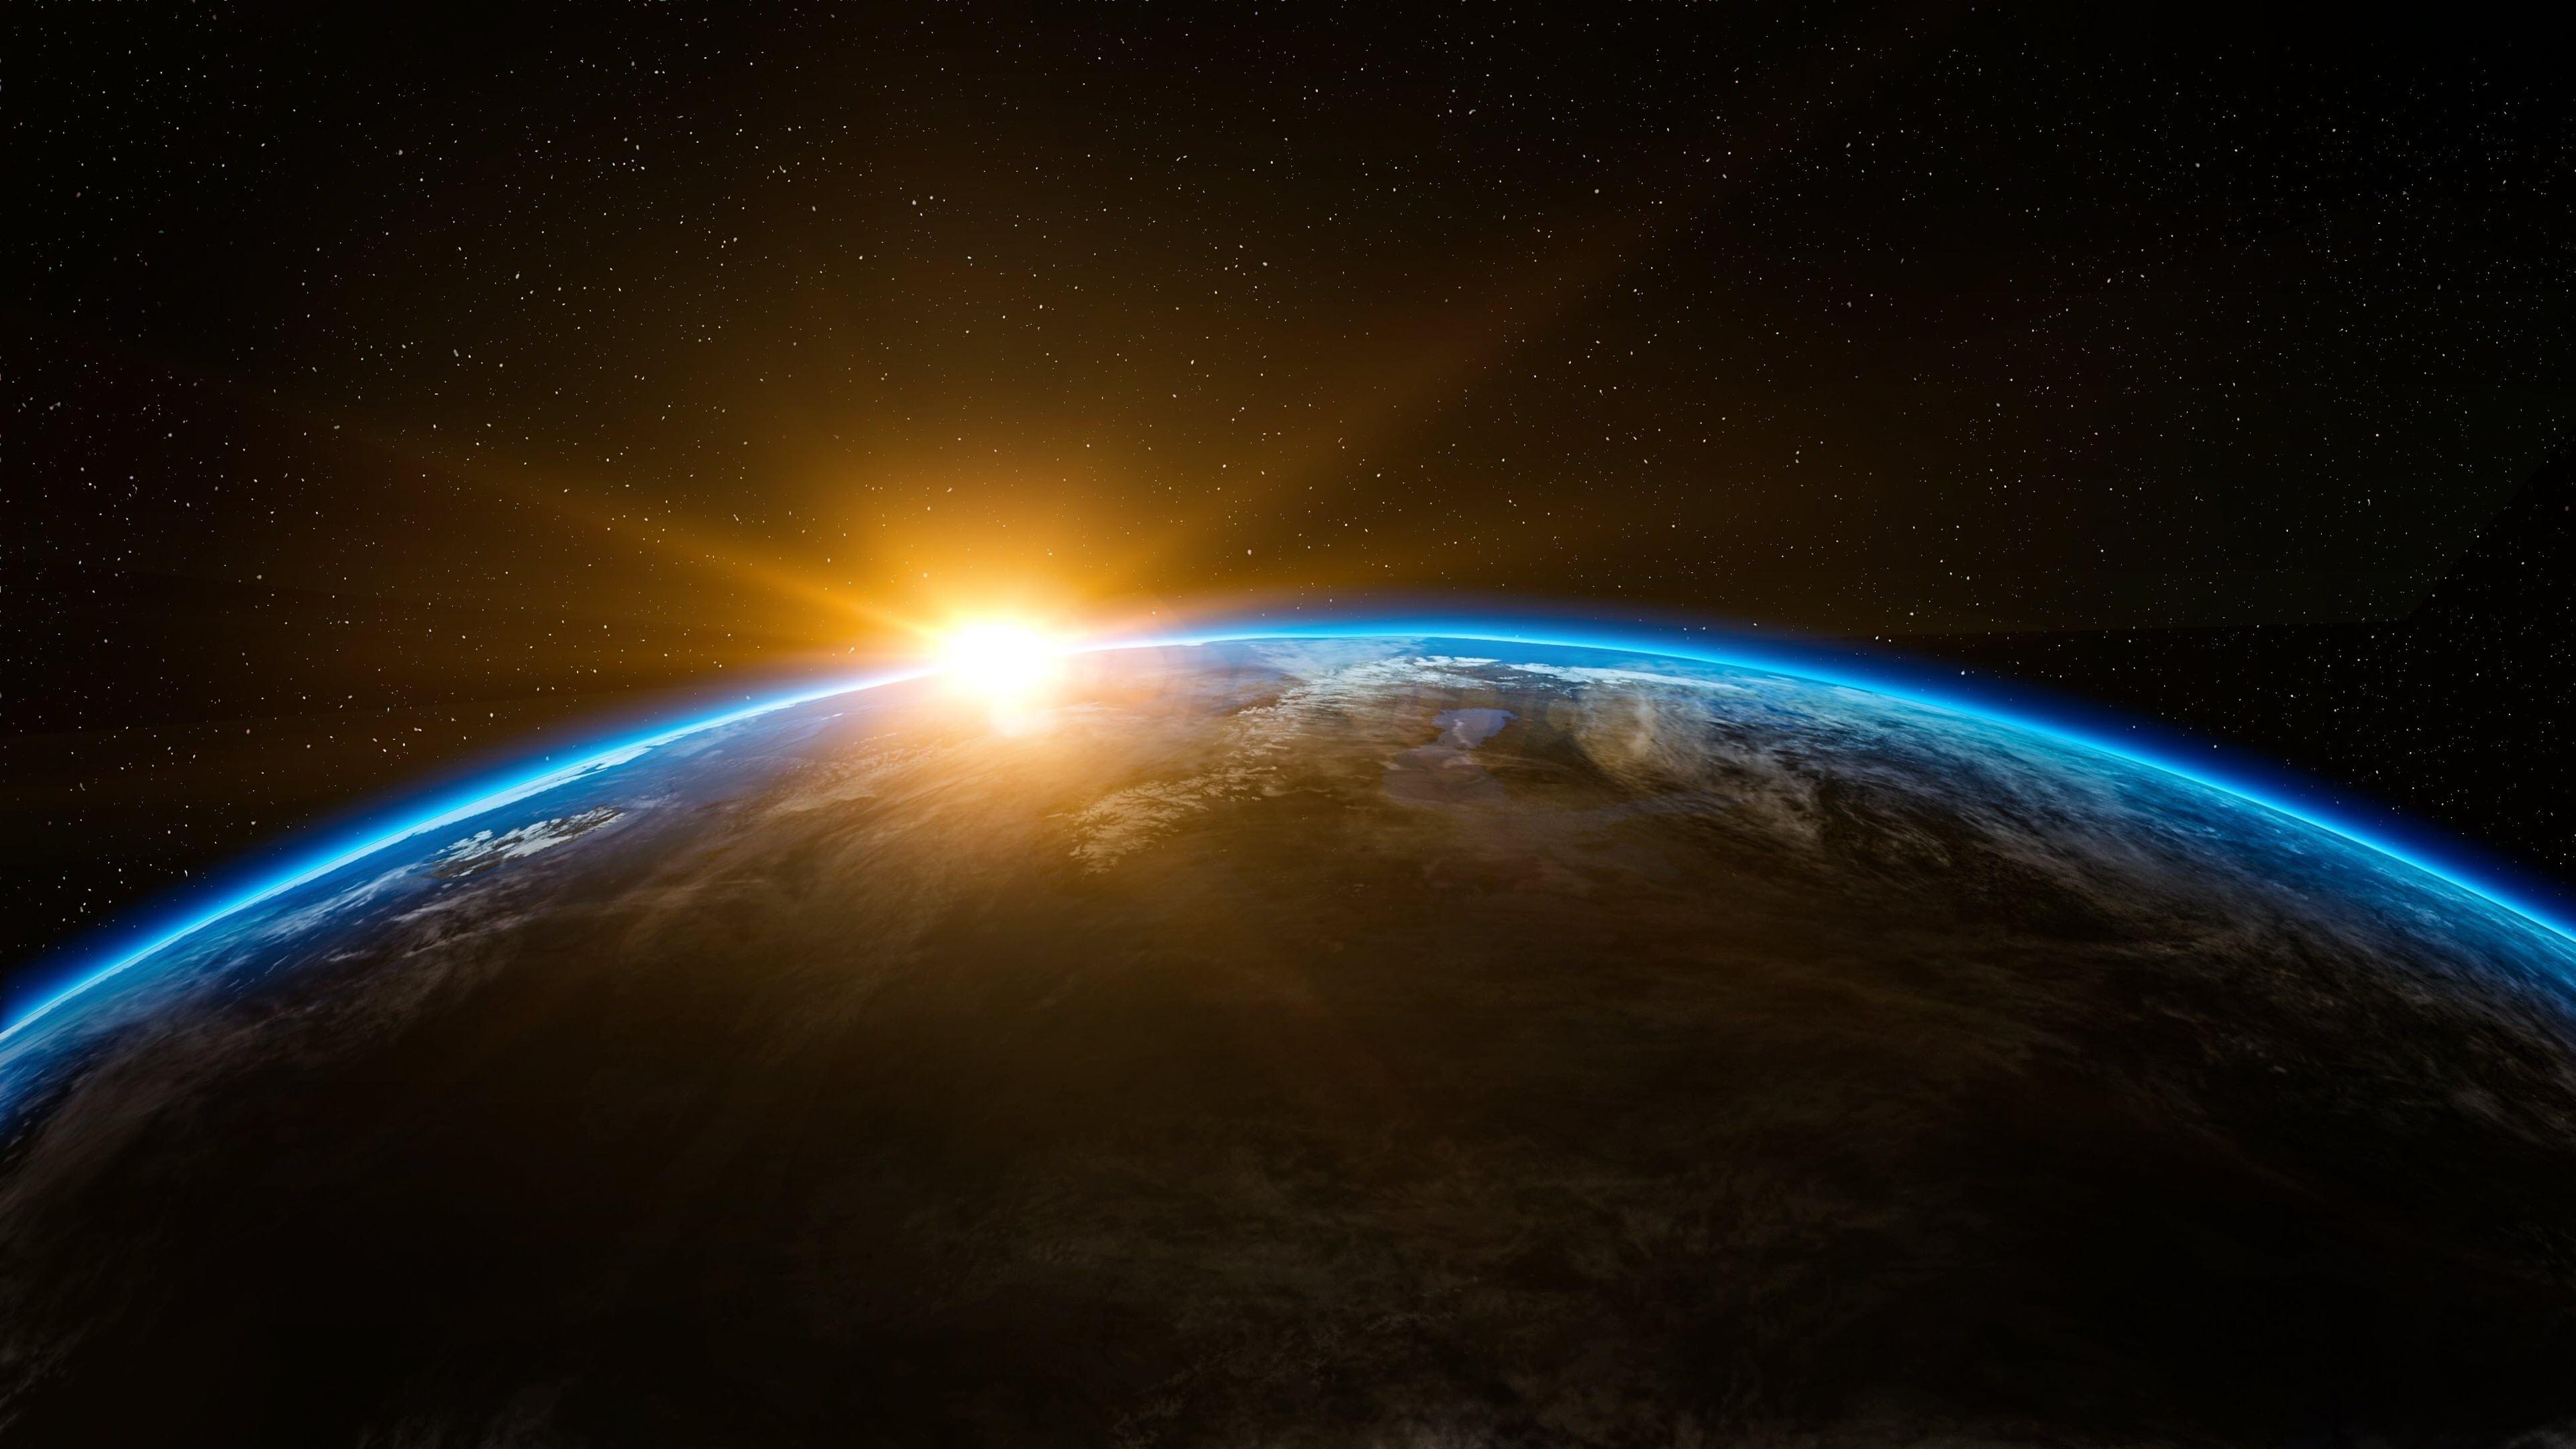 Hình nền trái đất từ vệ tinh